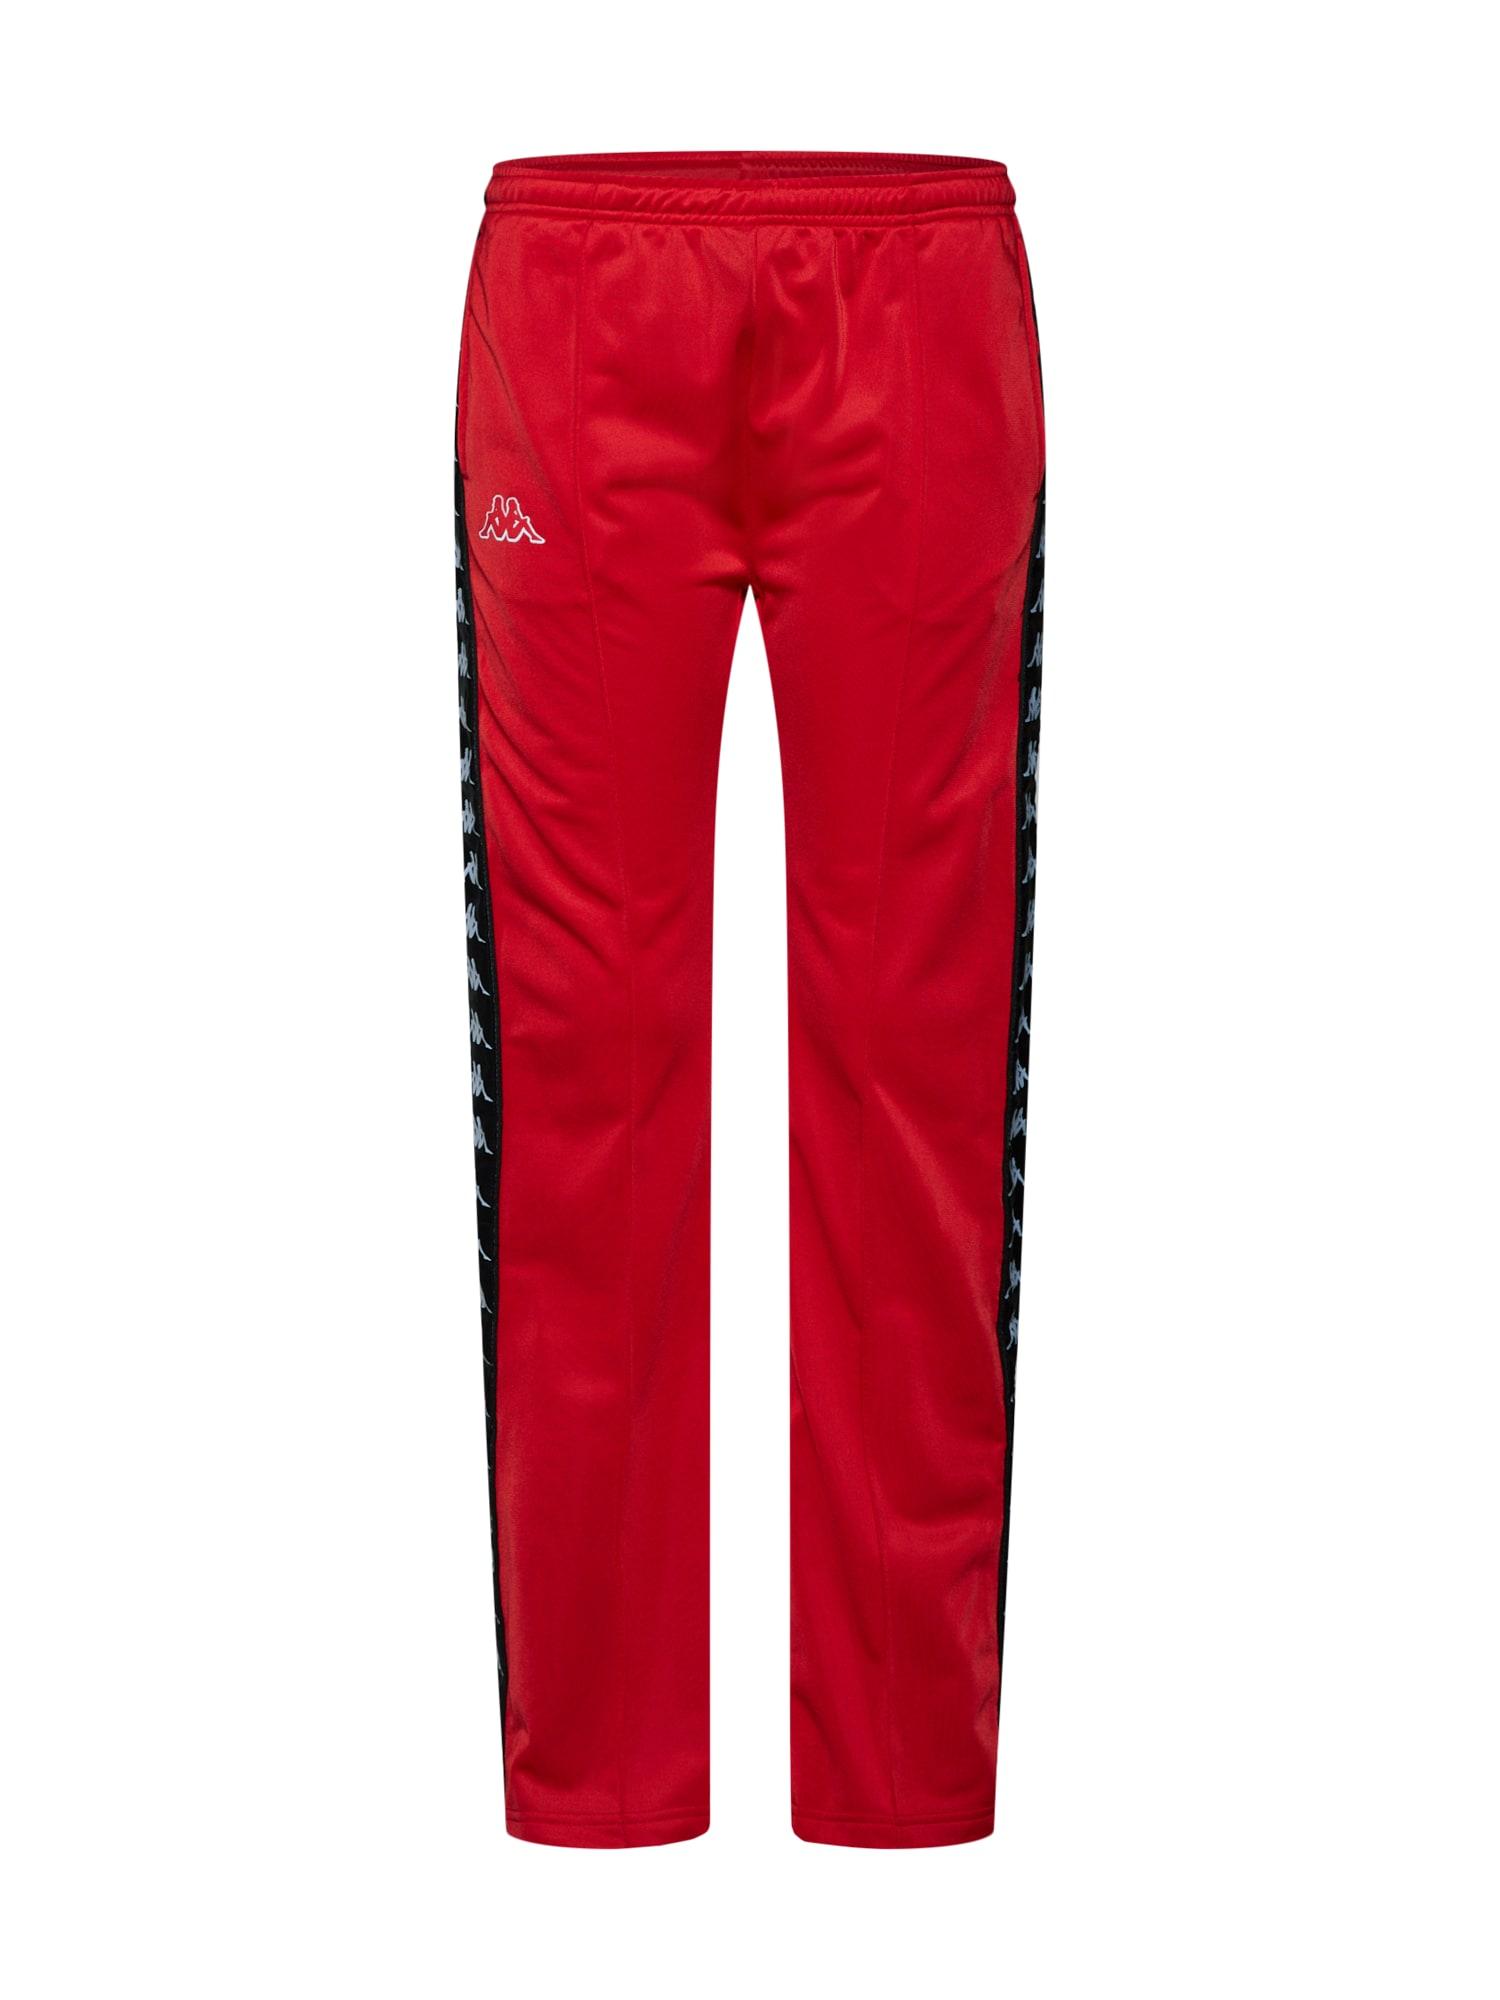 Sportovní kalhoty 222 Banda Wastoria Snaps červená černá bílá KAPPA